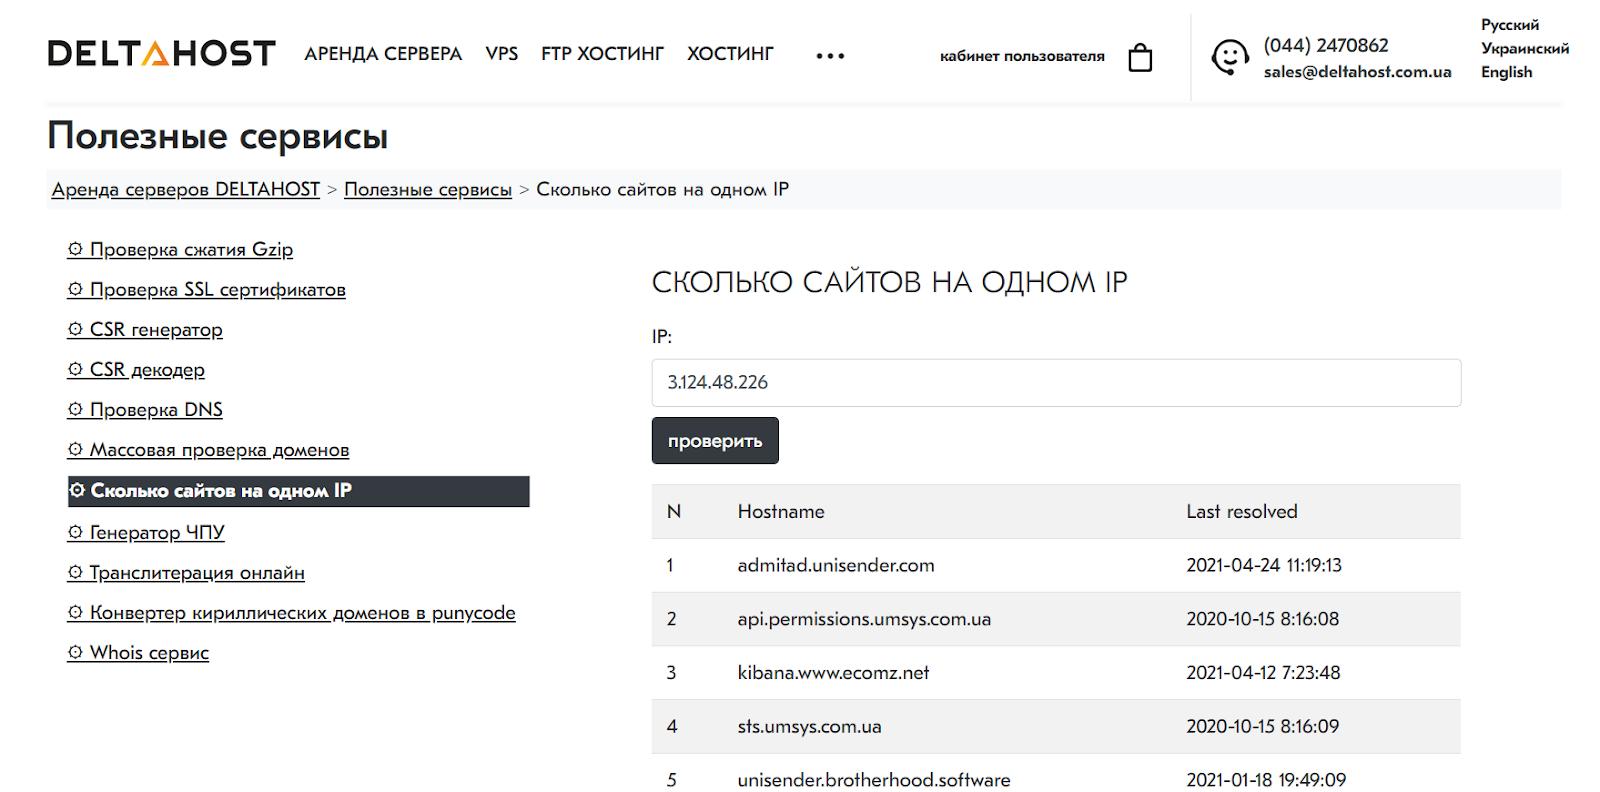 Проверка количества сайтов на одном IP